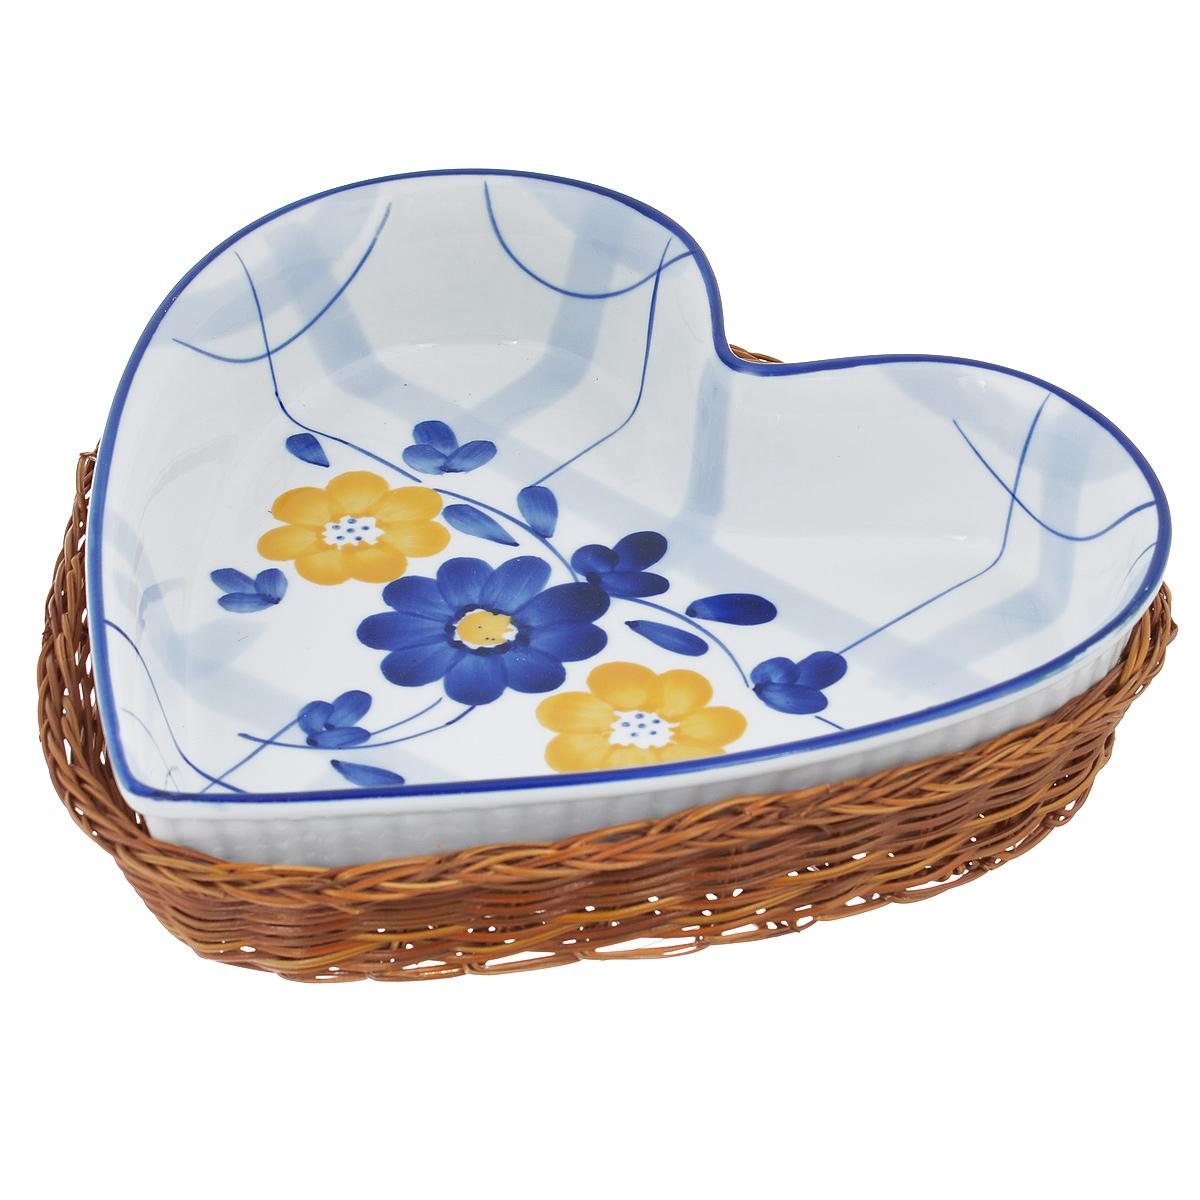 Блюдо Bekker Dish с корзиной, цвет: синий, белый, 24,5 см х 24 см54 009312Блюдо Bekker Dish изготовлено из высококачественной жаропрочной керамики и декорировано изображением цветов. В комплект входит плетеная корзина-подставка, изготовленная из ротанга.Изделия из керамики идеально подходят как для приготовления пищи, так и для подачи на стол. Материал не содержит свинца и кадмия. С такой формой вы всегда сможете порадовать своих близких оригинальным блюдом.Блюдо можно использовать в духовке и микроволновой печи. Можно мыть в посудомоечной машине.